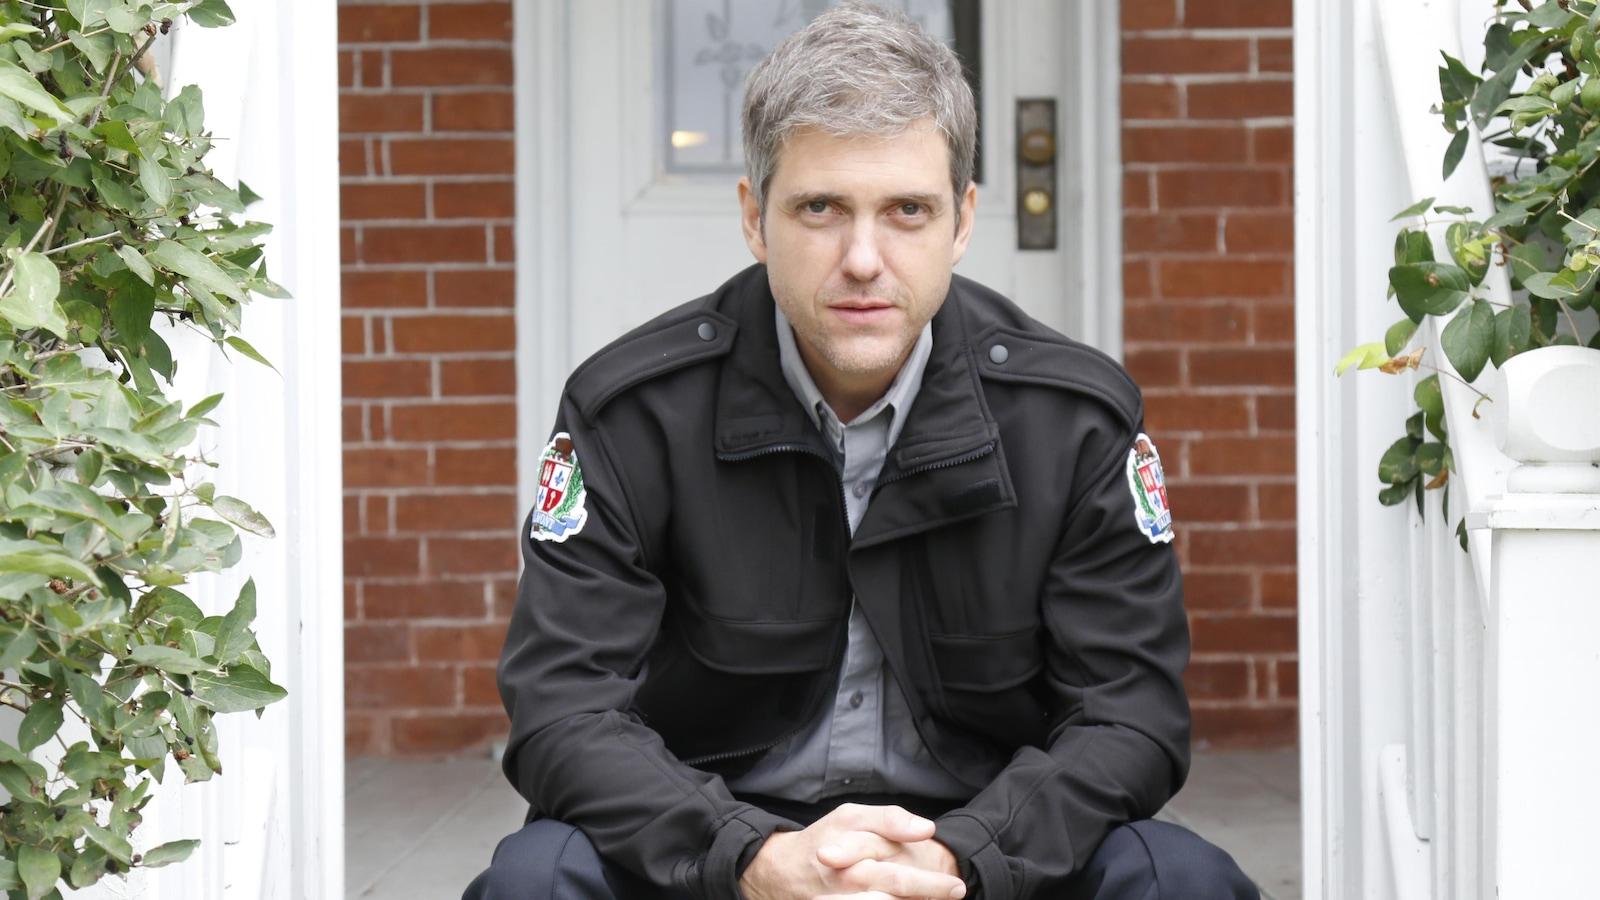 Le policier de 5e rang pose devant la maison familiale.